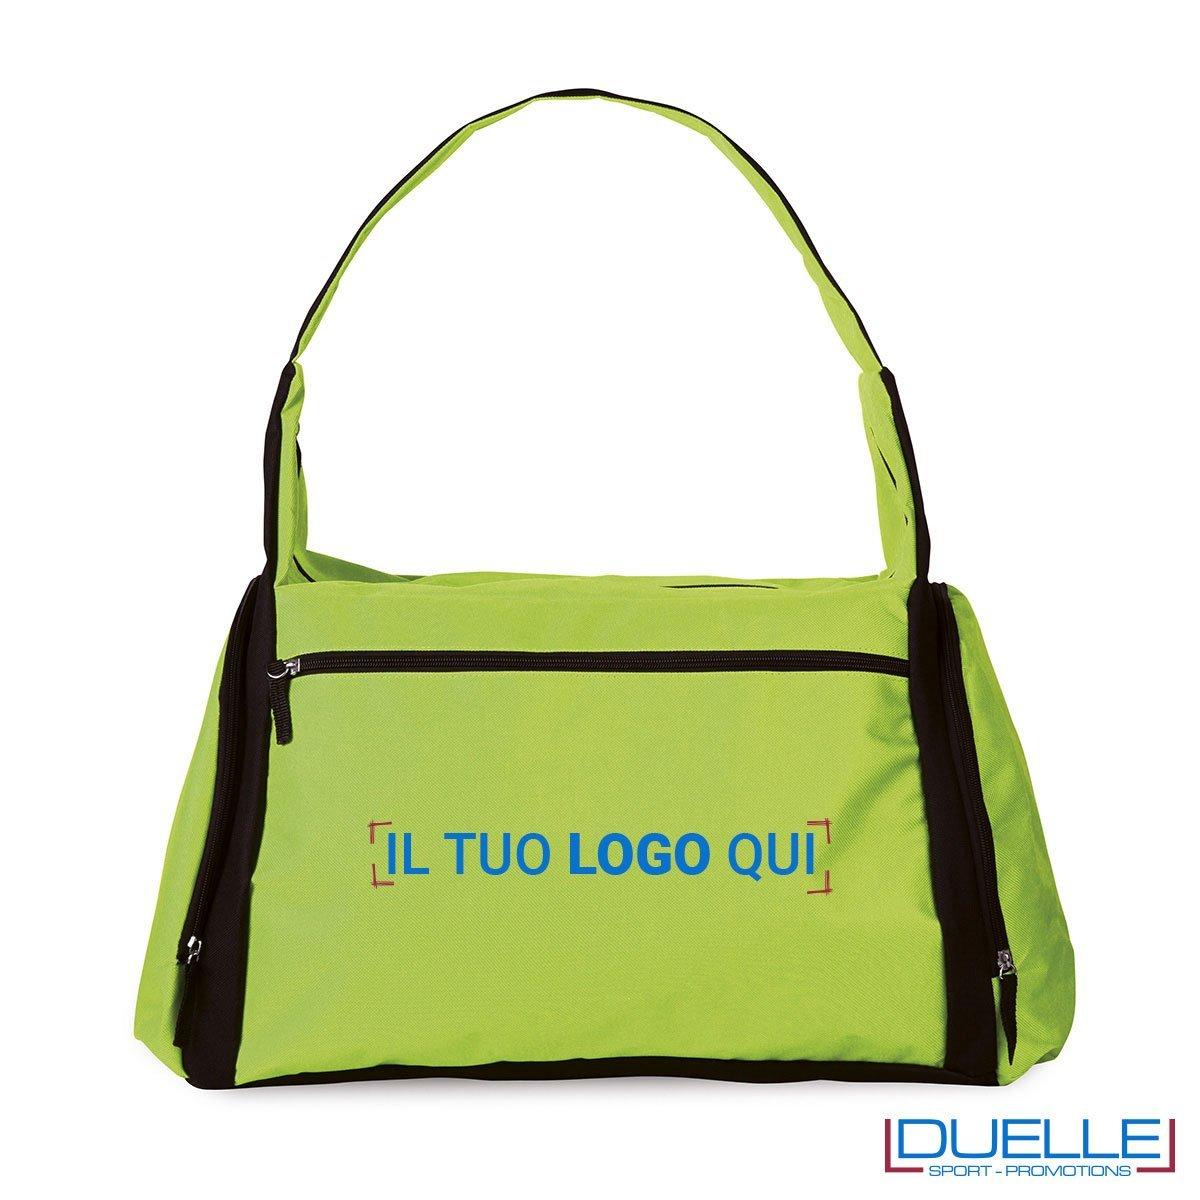 borsa sportiva colore VERDE ACIDO ideale per la palestra, borse sportive personalizzate, gadget sportivi personalizzati